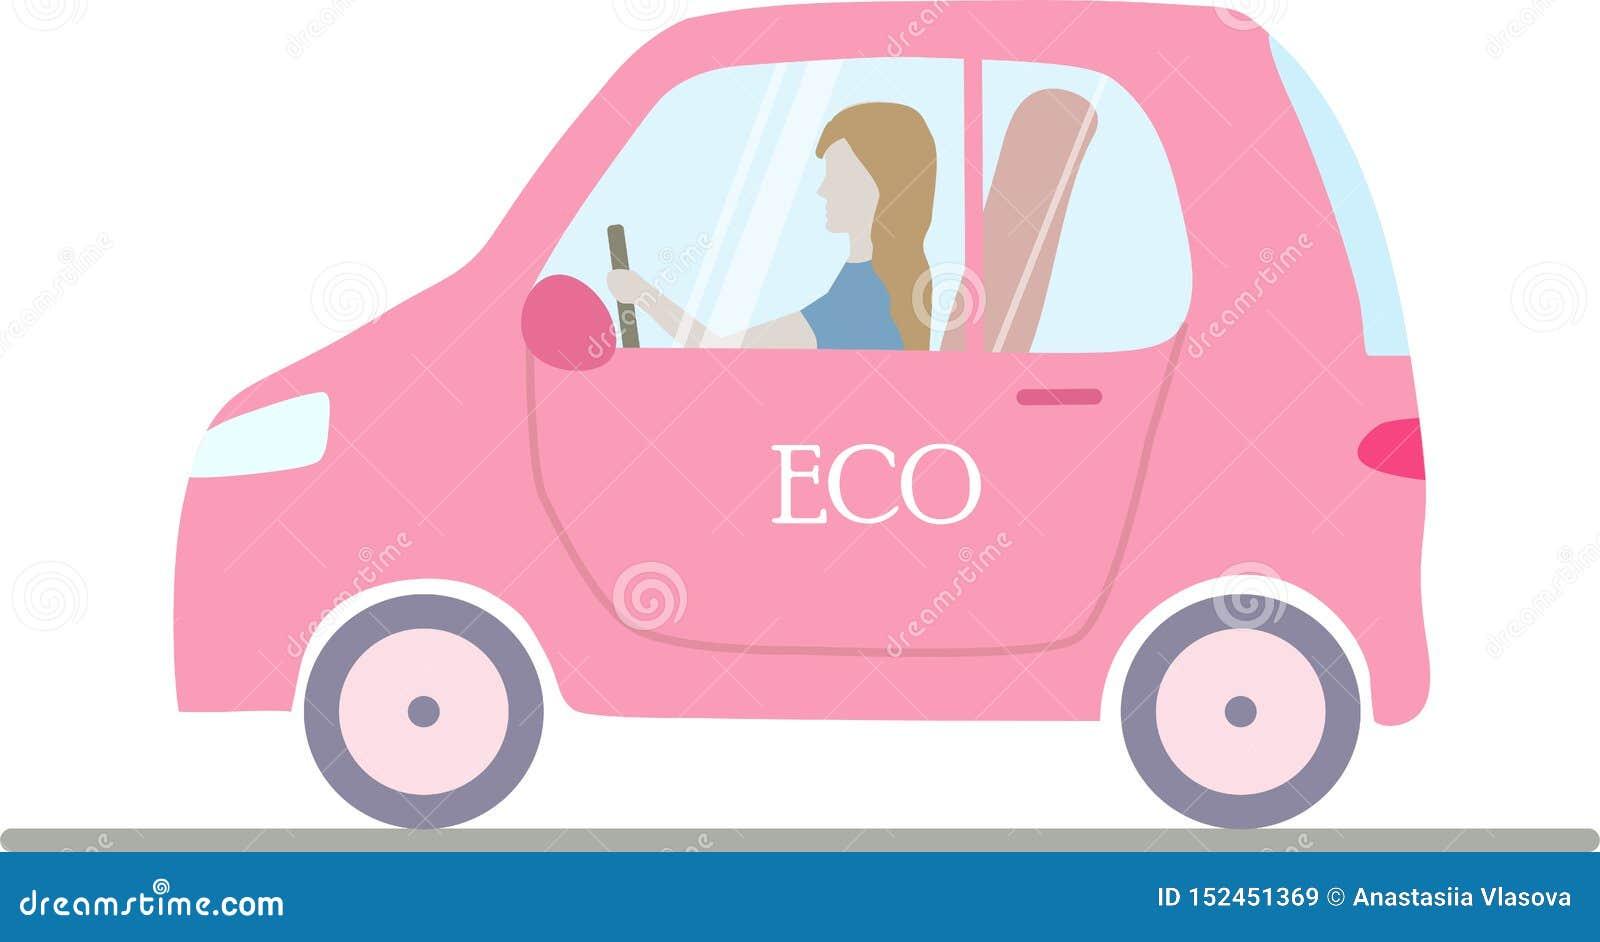 Een roze geïsoleerde eco; ogical elektrische auto met een vrouw